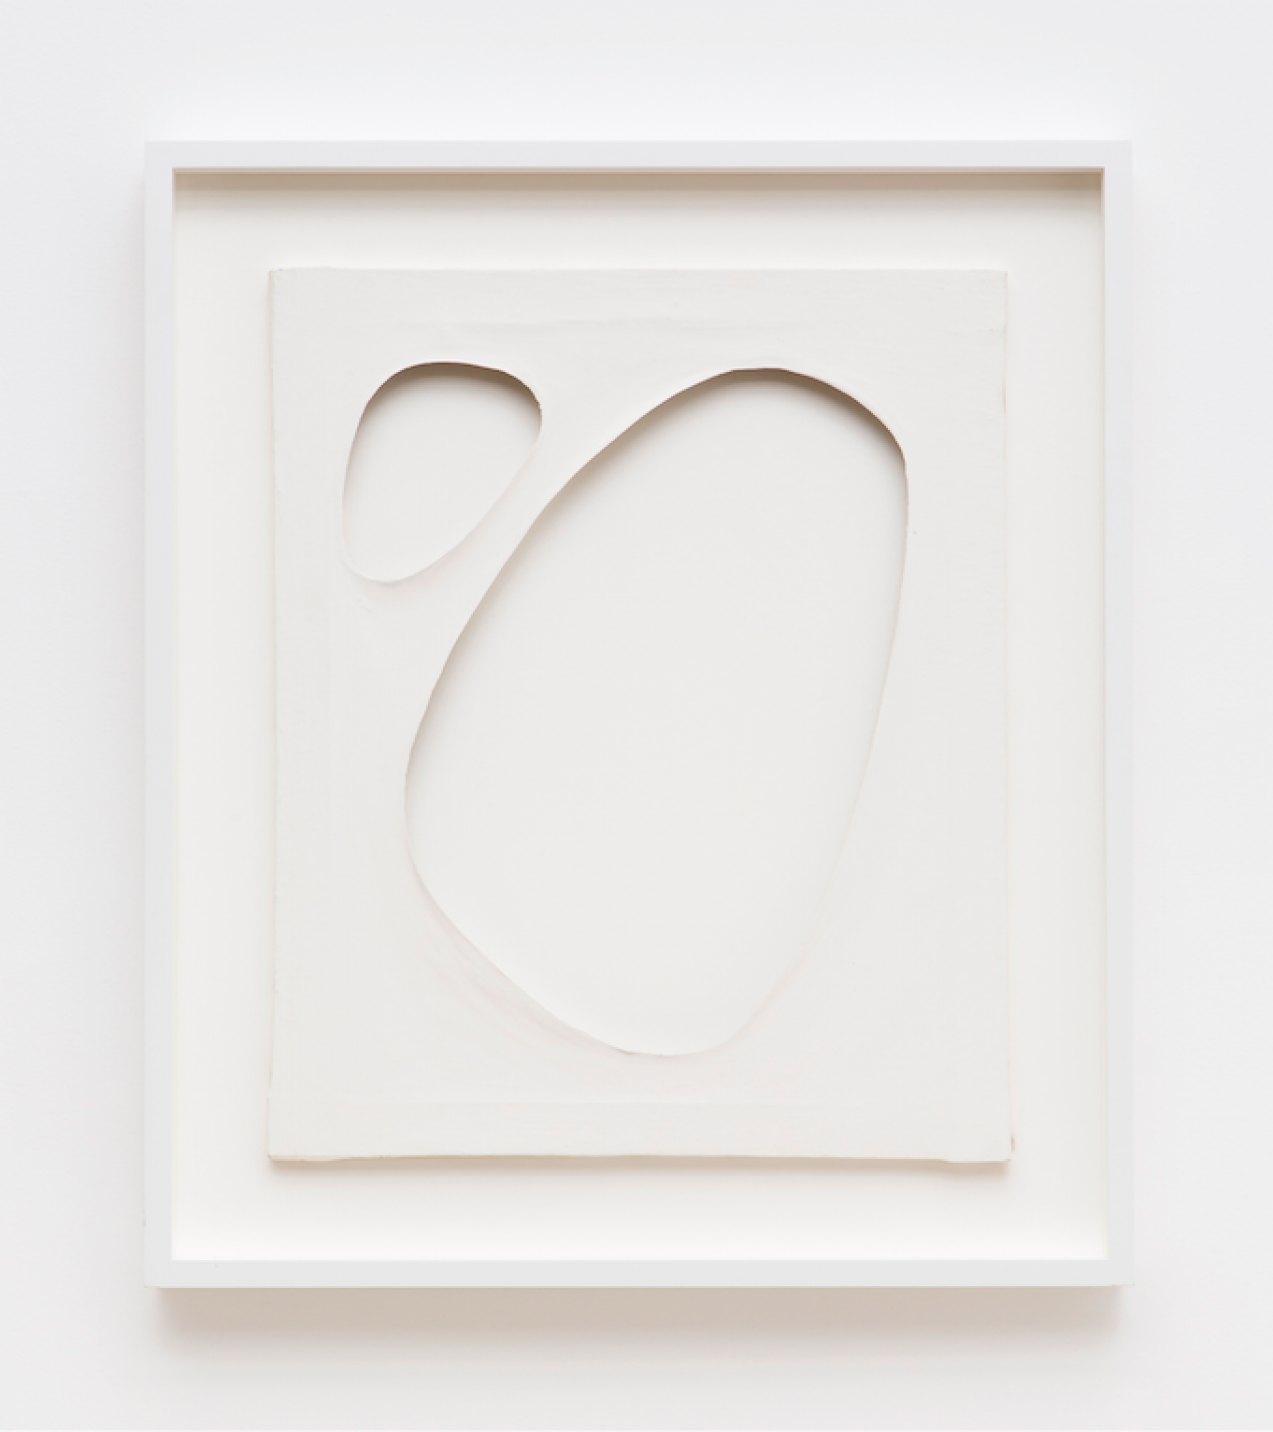 Dadamaino, <em>untitled</em>, from<em>Volumi</em> series,1959,water-based ink on canvas,60 ×50 cm - Mendes Wood DM